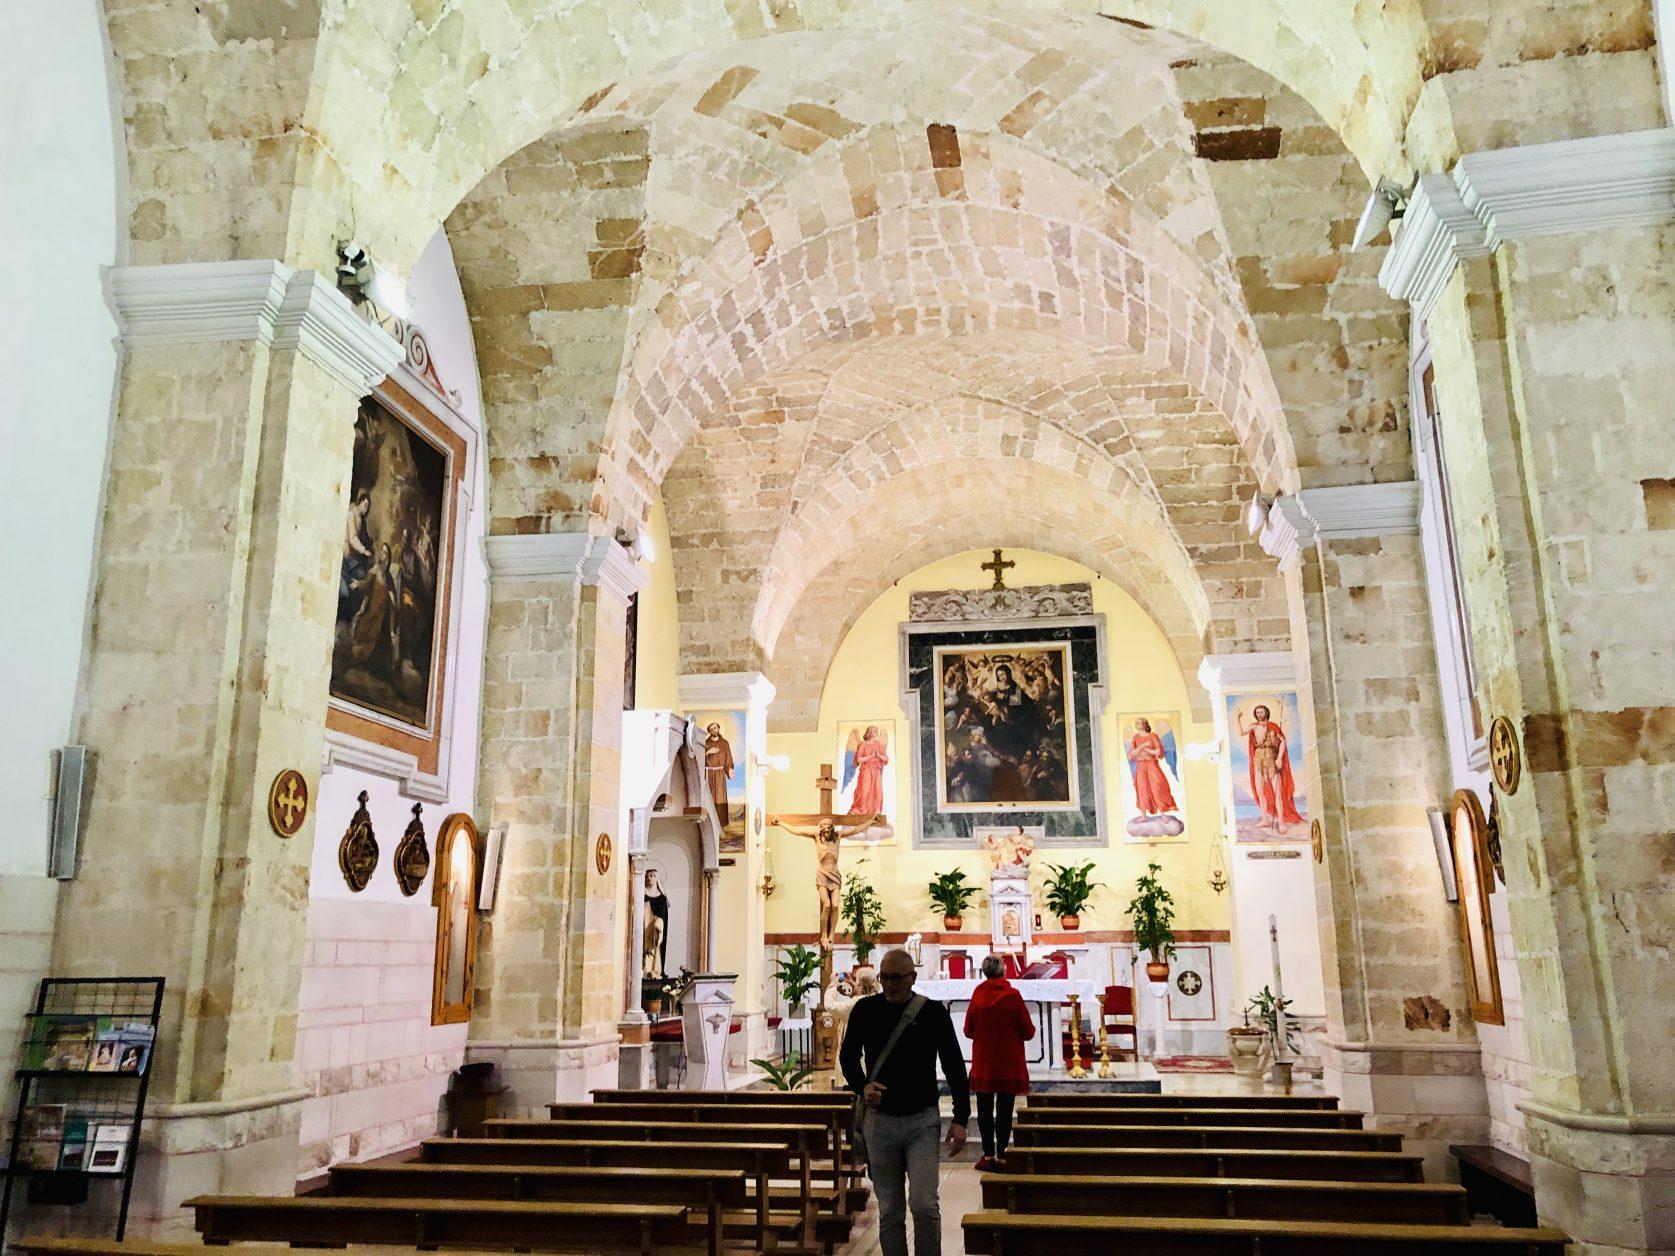 Sehenswert ist auch die Kirche Veglie bei Lecce